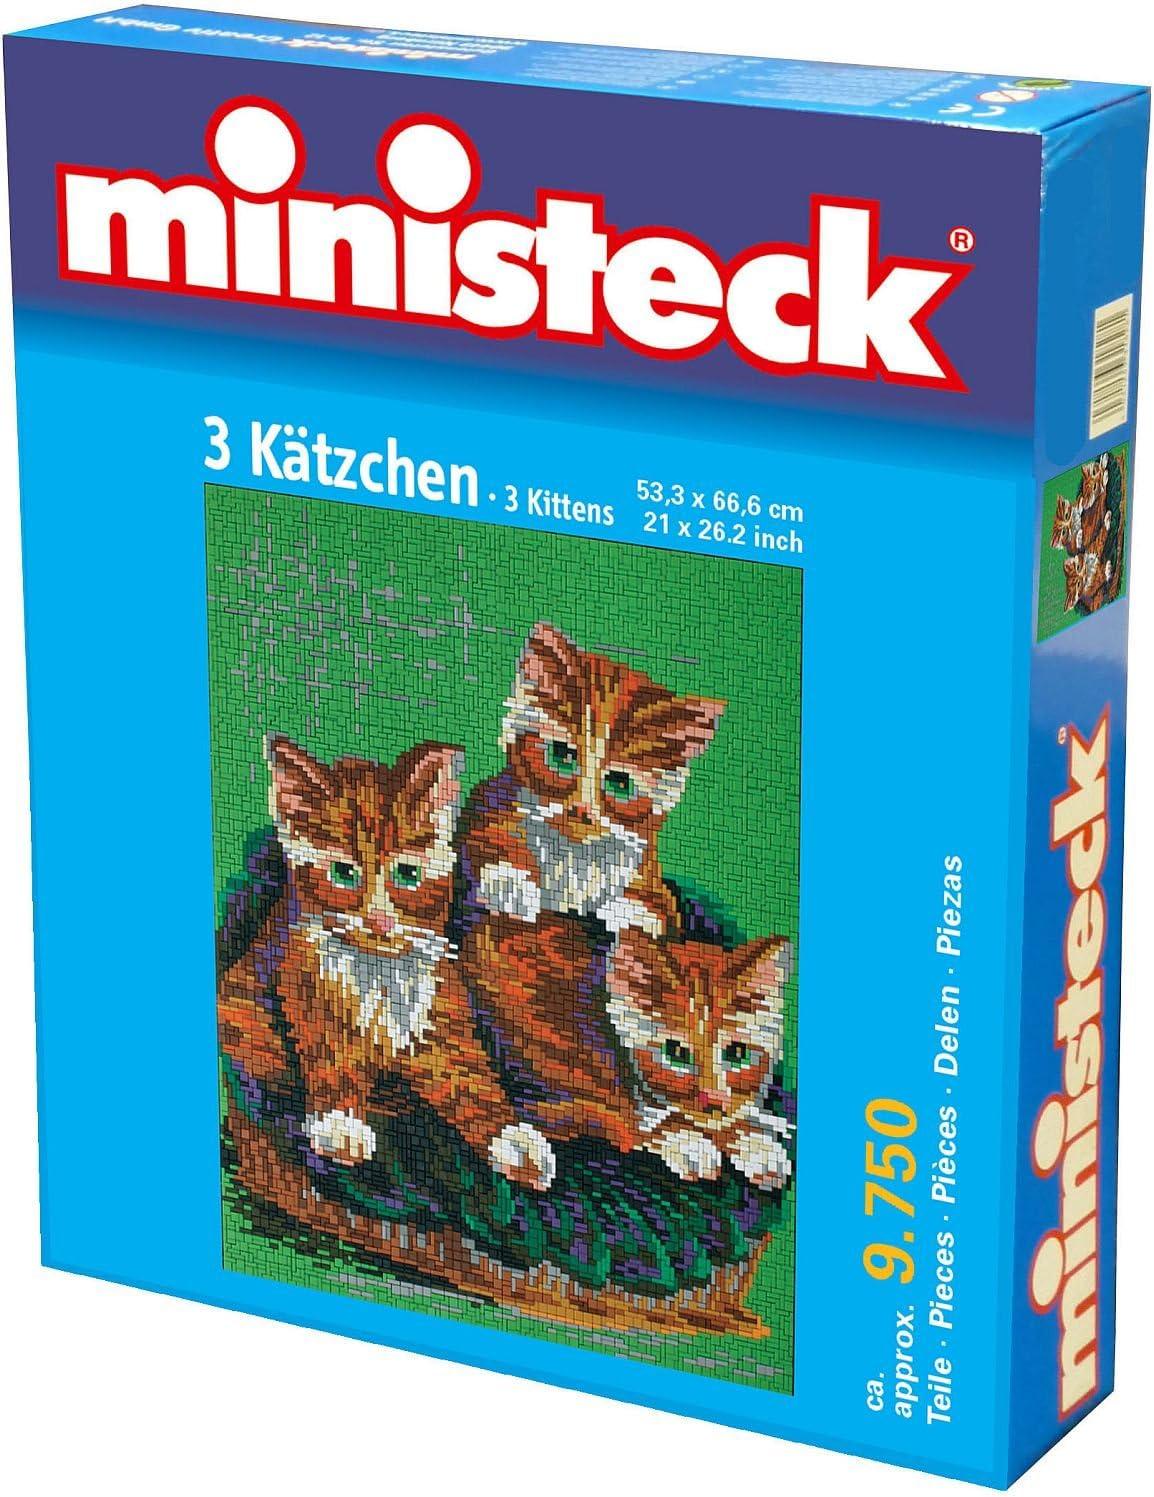 Ministeck 3 Katten Grondplaat 53,3 x 66,6 cm 9.750 delig, inc